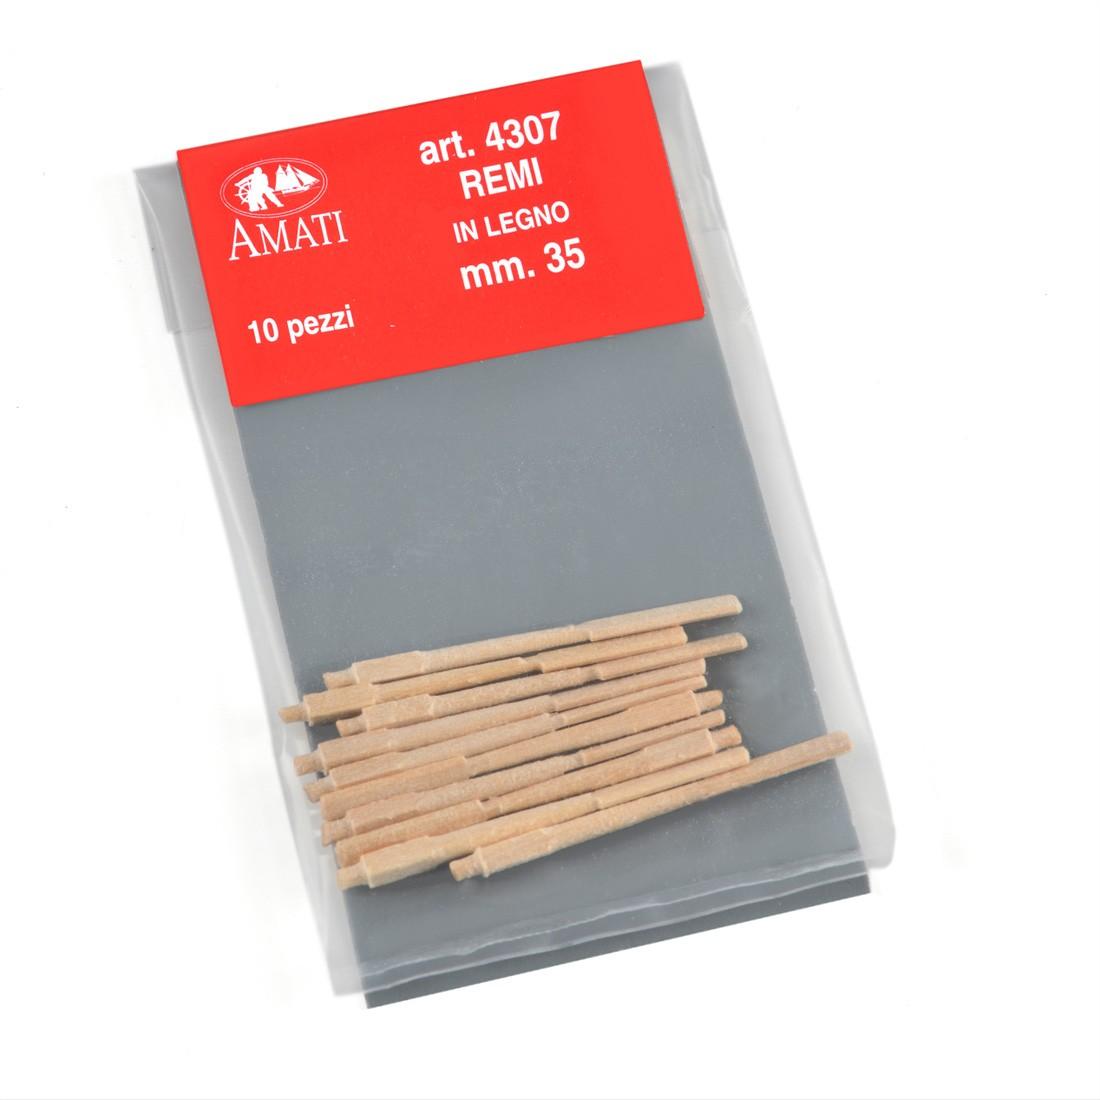 Wooden oars length mm.35